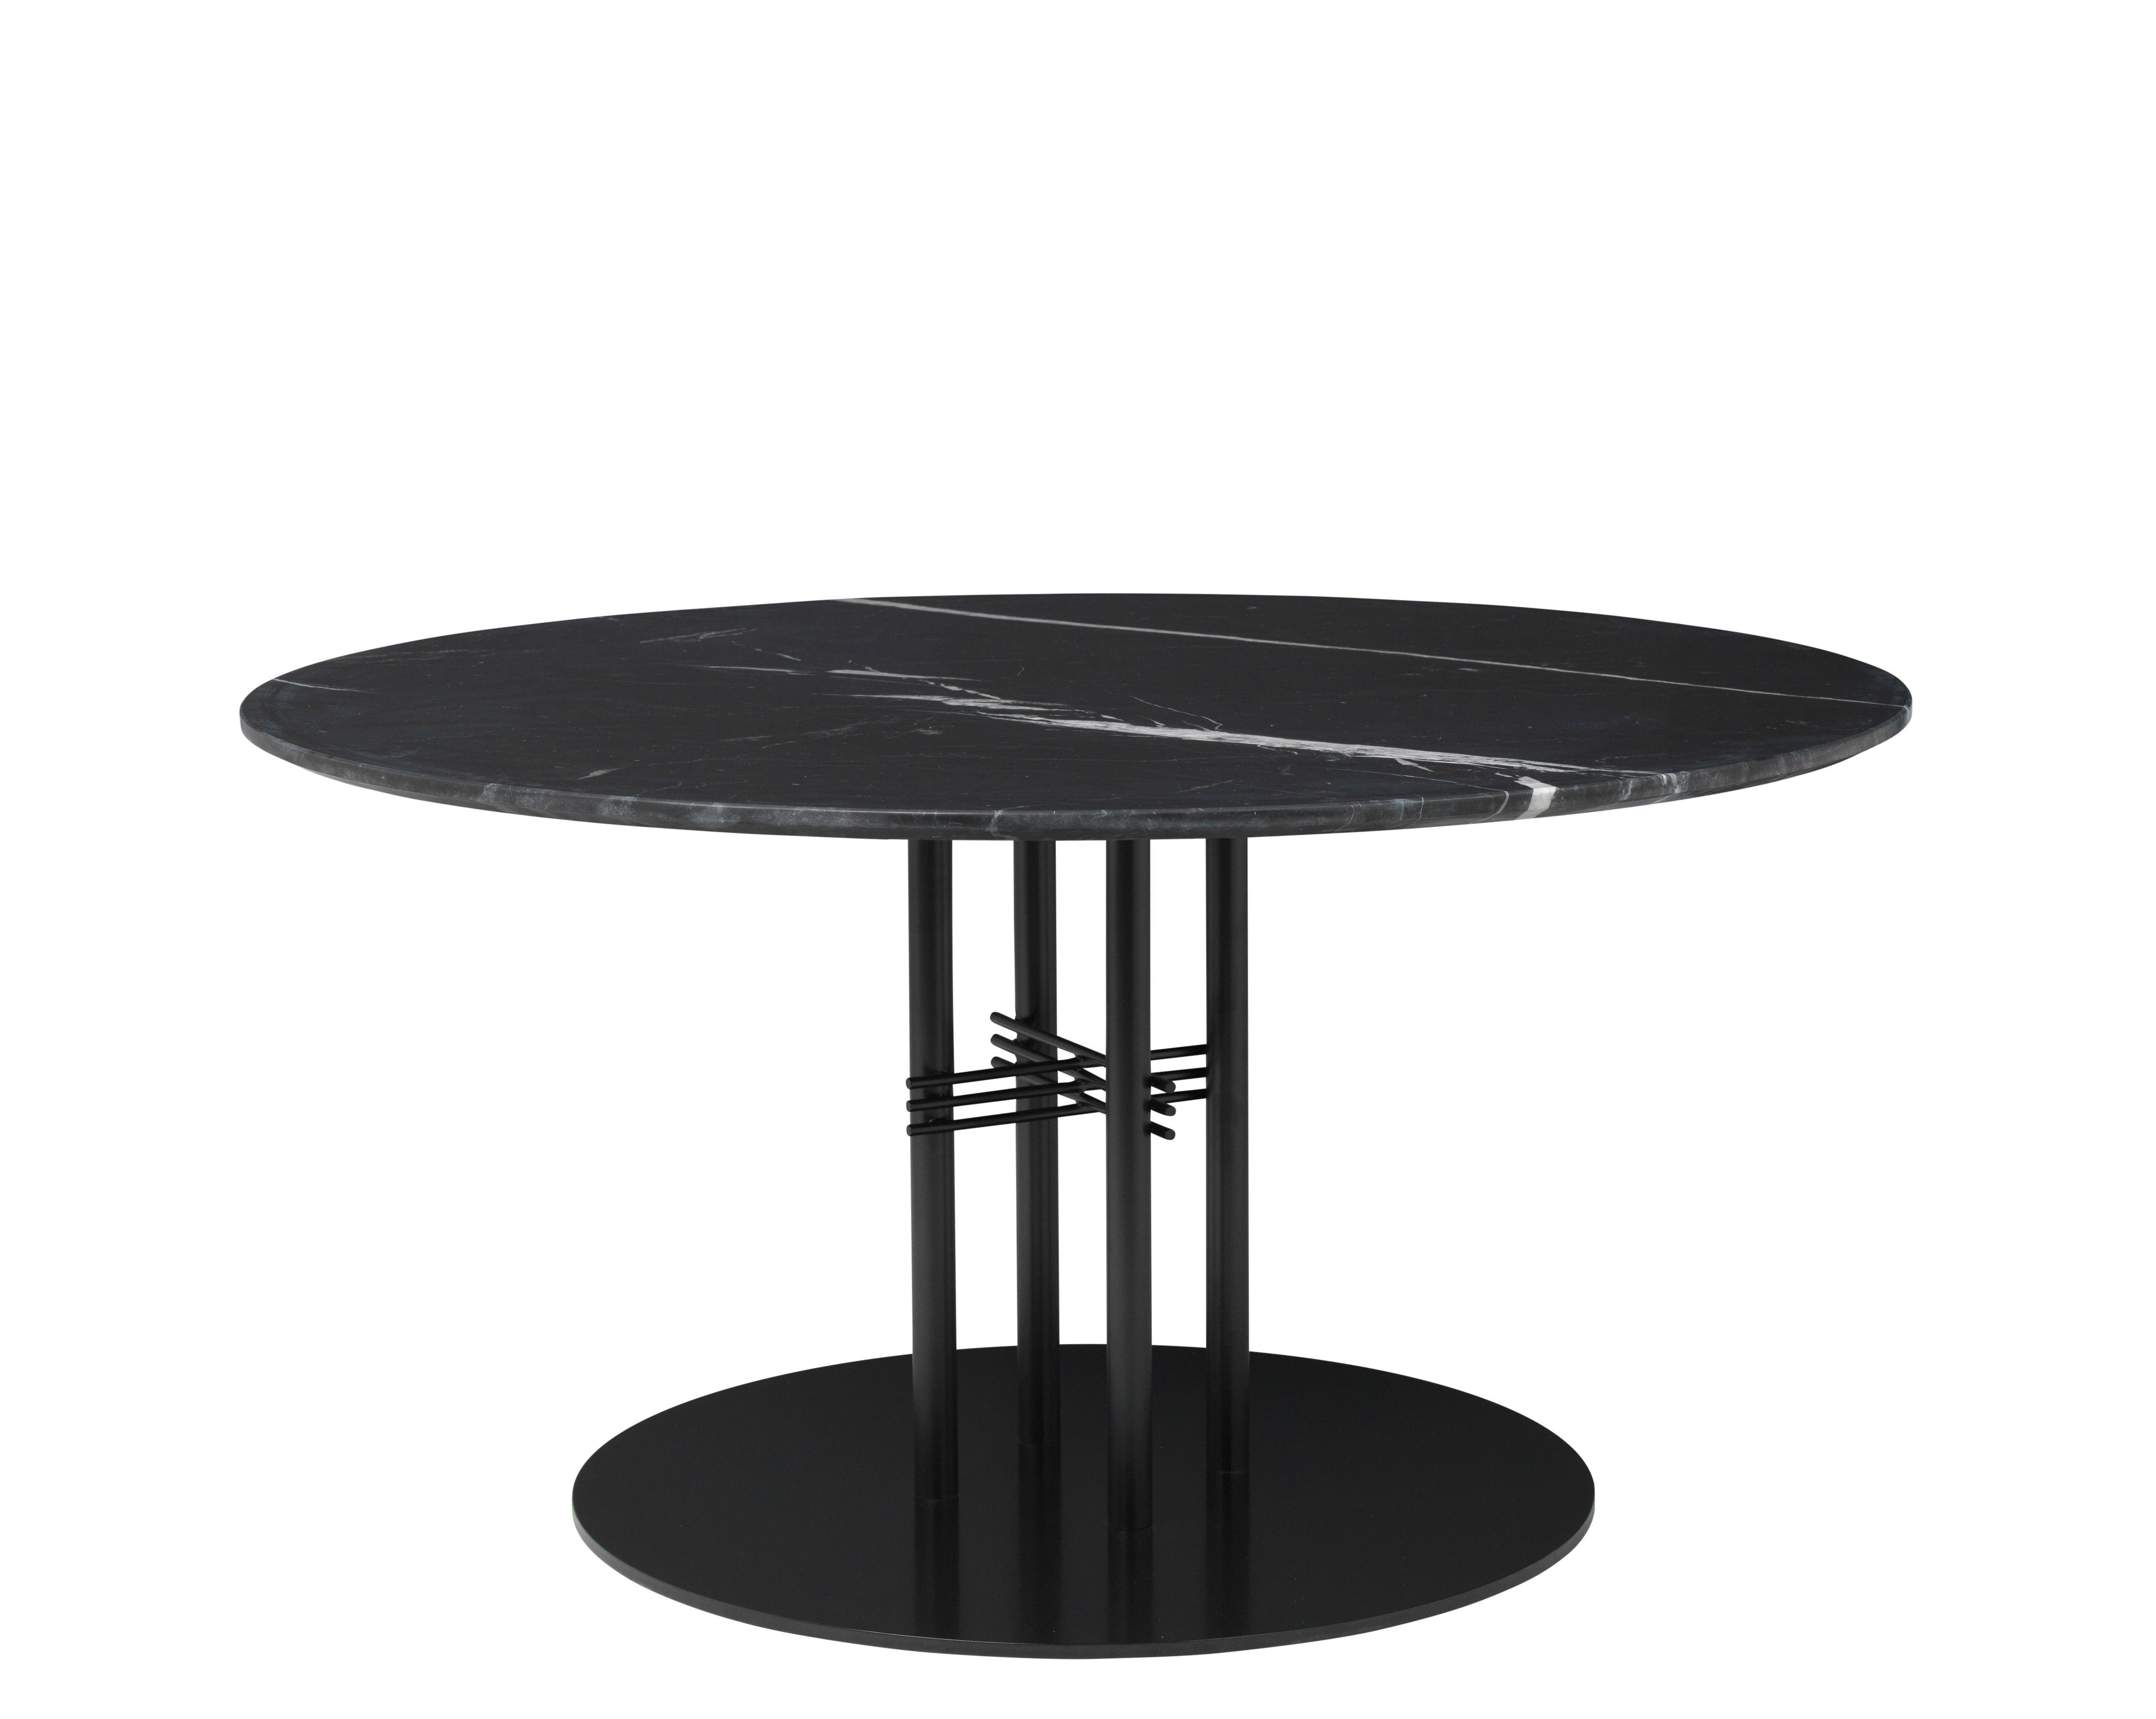 Mobilier - Tables basses - Table basse TS Column / Gamfratesi - Ø 110 x H 60 cm - Gubi - Marbre noir / Pied noir - Marbre Marquina, Métal laqué